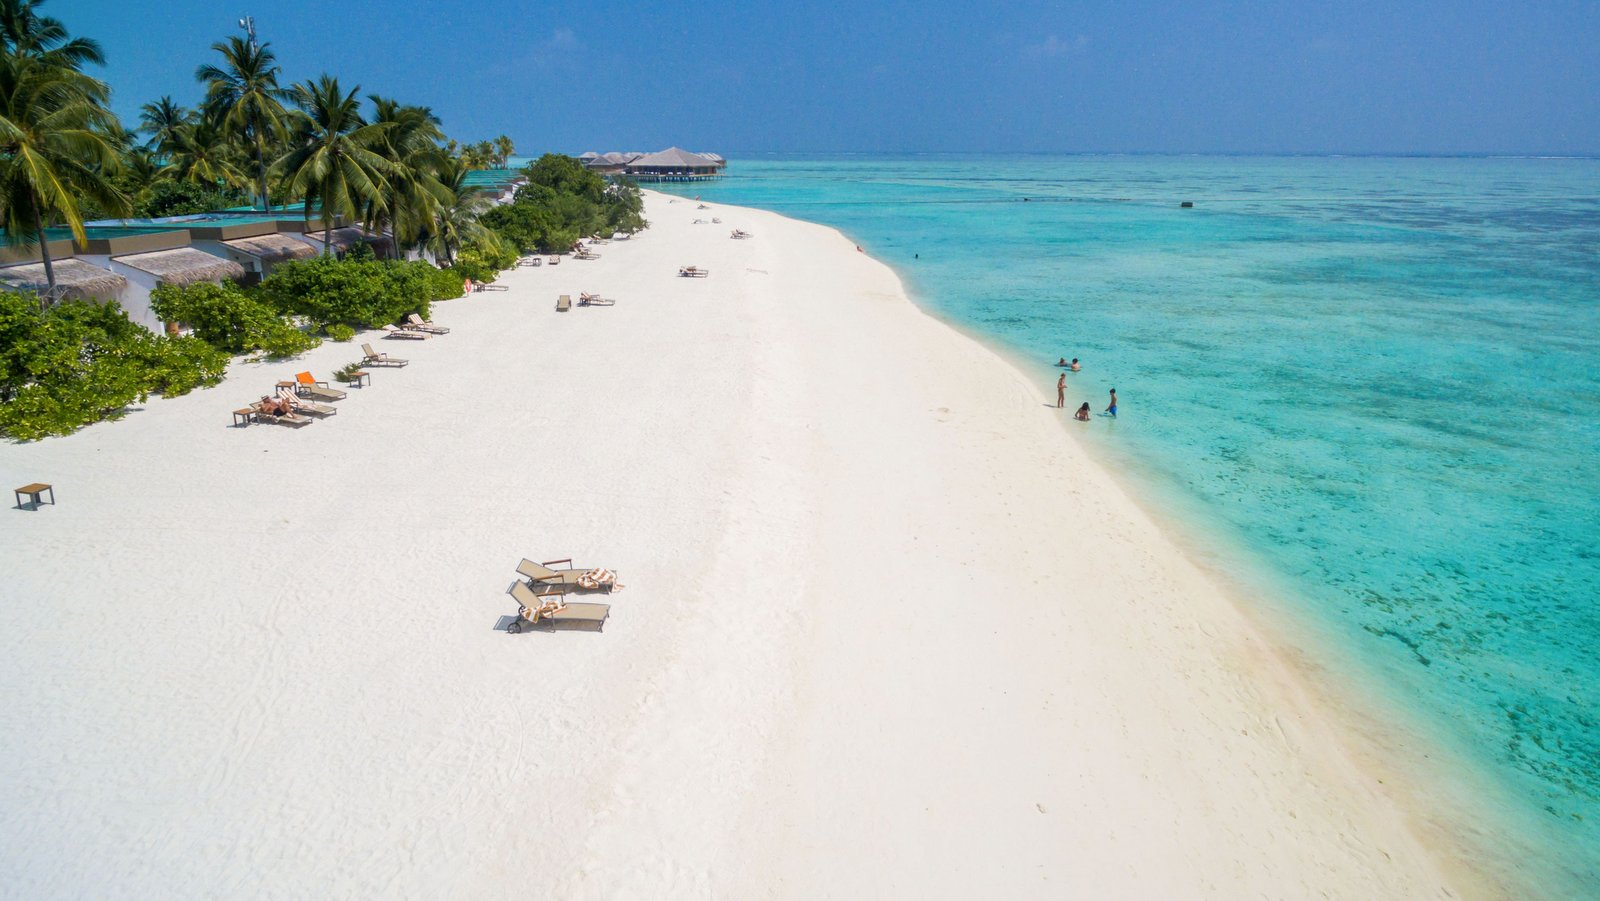 Мальдивы, отель Cocoon Maldives, пляж